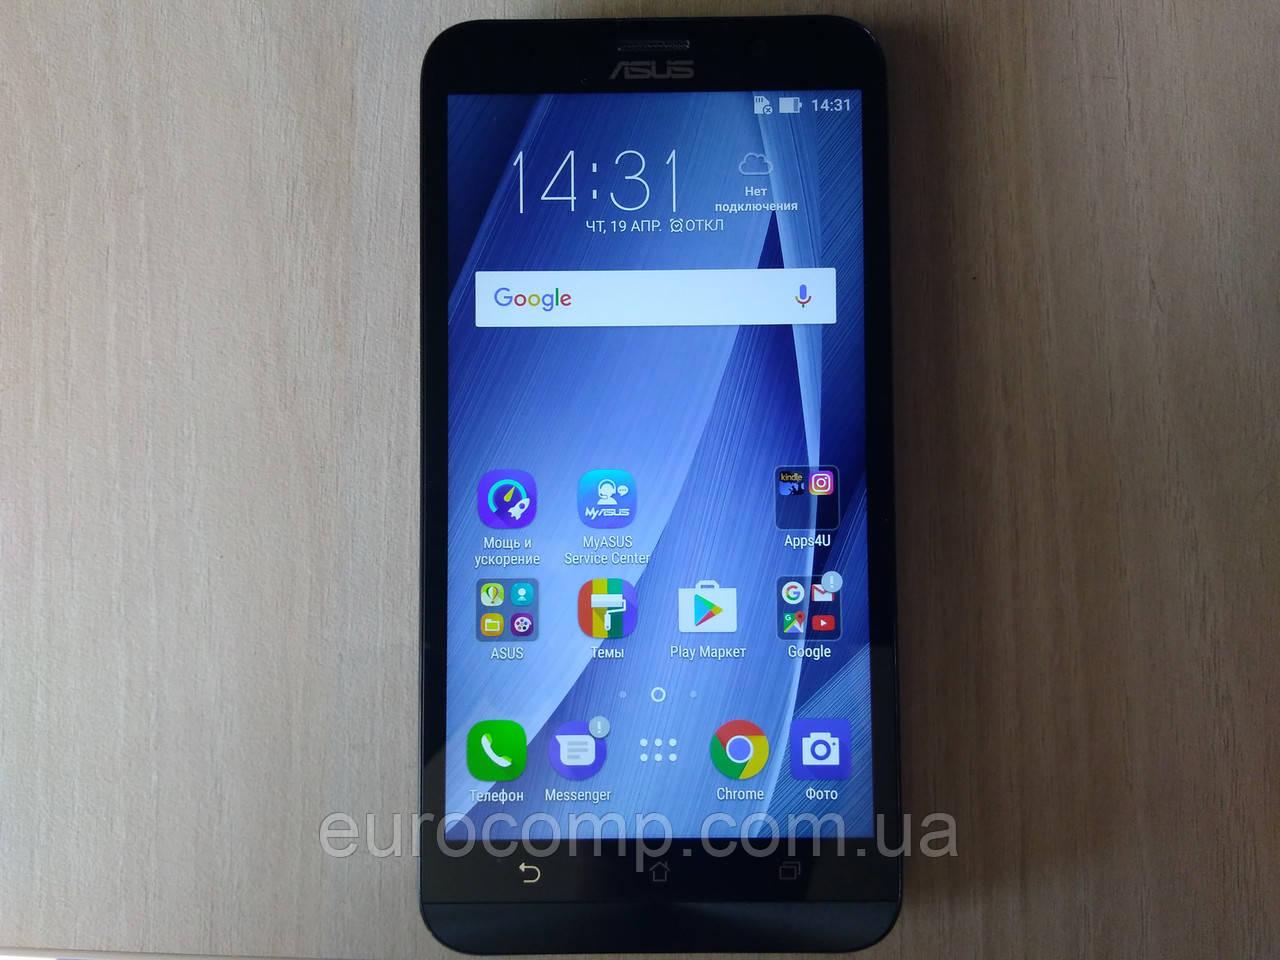 Смартфон Asus ZenFone 2 (5.5'' FullHD/4 ядра/4GB/16GB/Android 6.0)